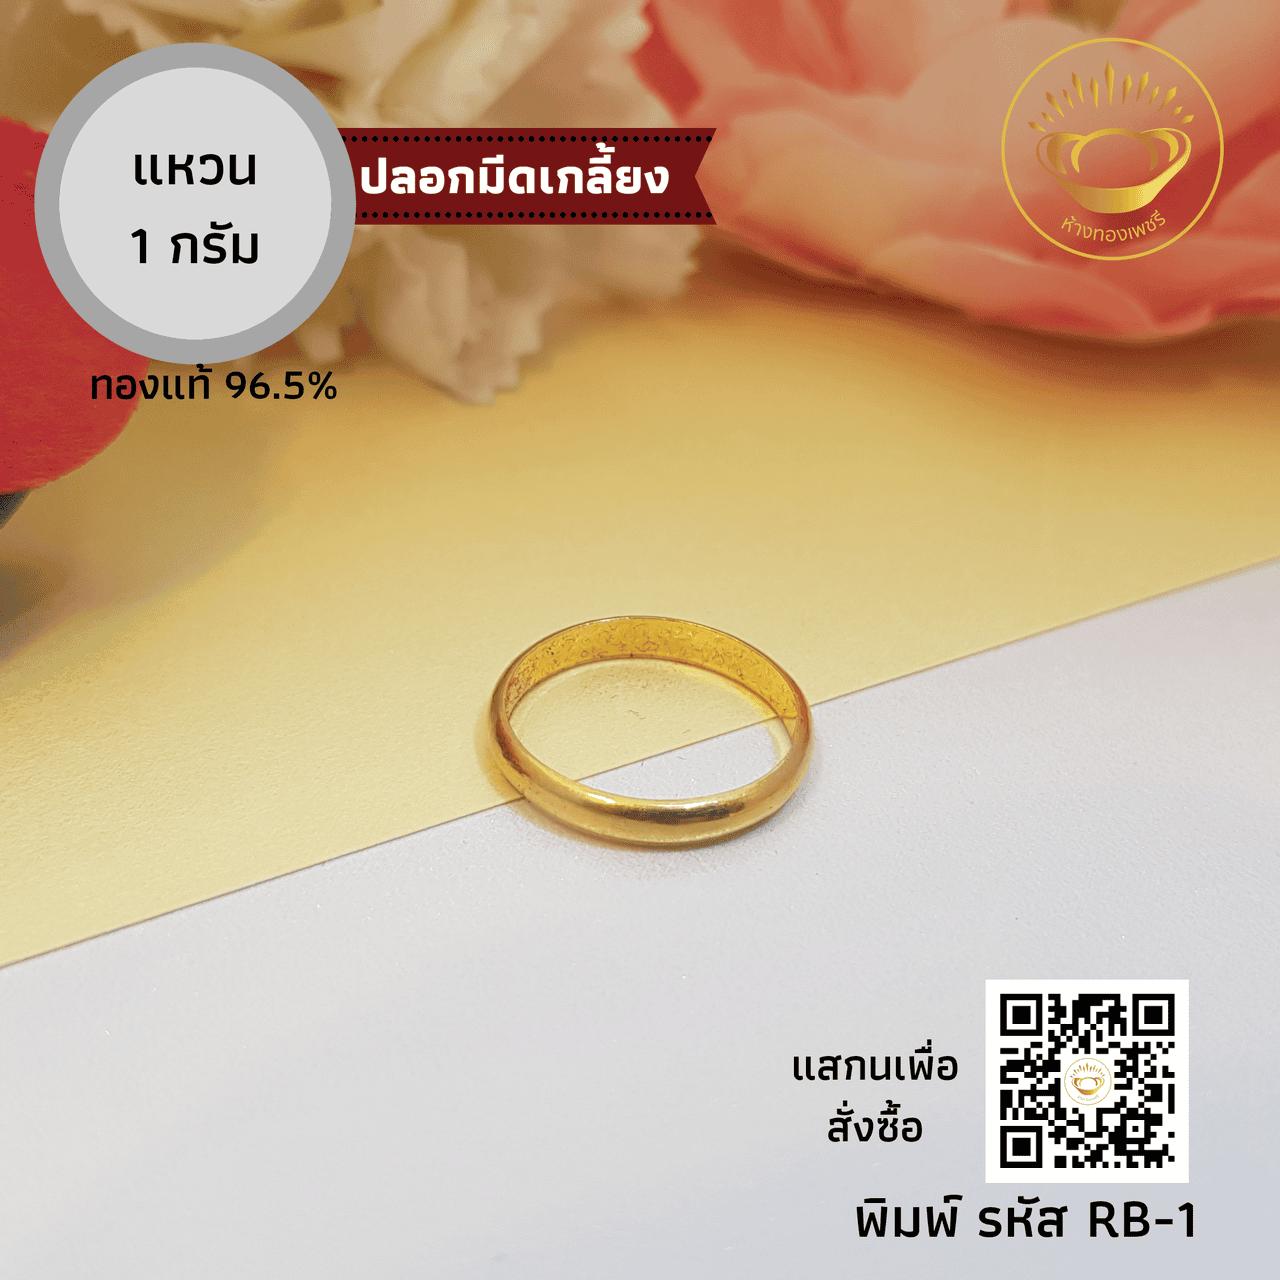 แหวนทองคำแท้ หนึ่งกรัม(1 กรัม)  ปลอกมีดเกลี้ยง RB-1